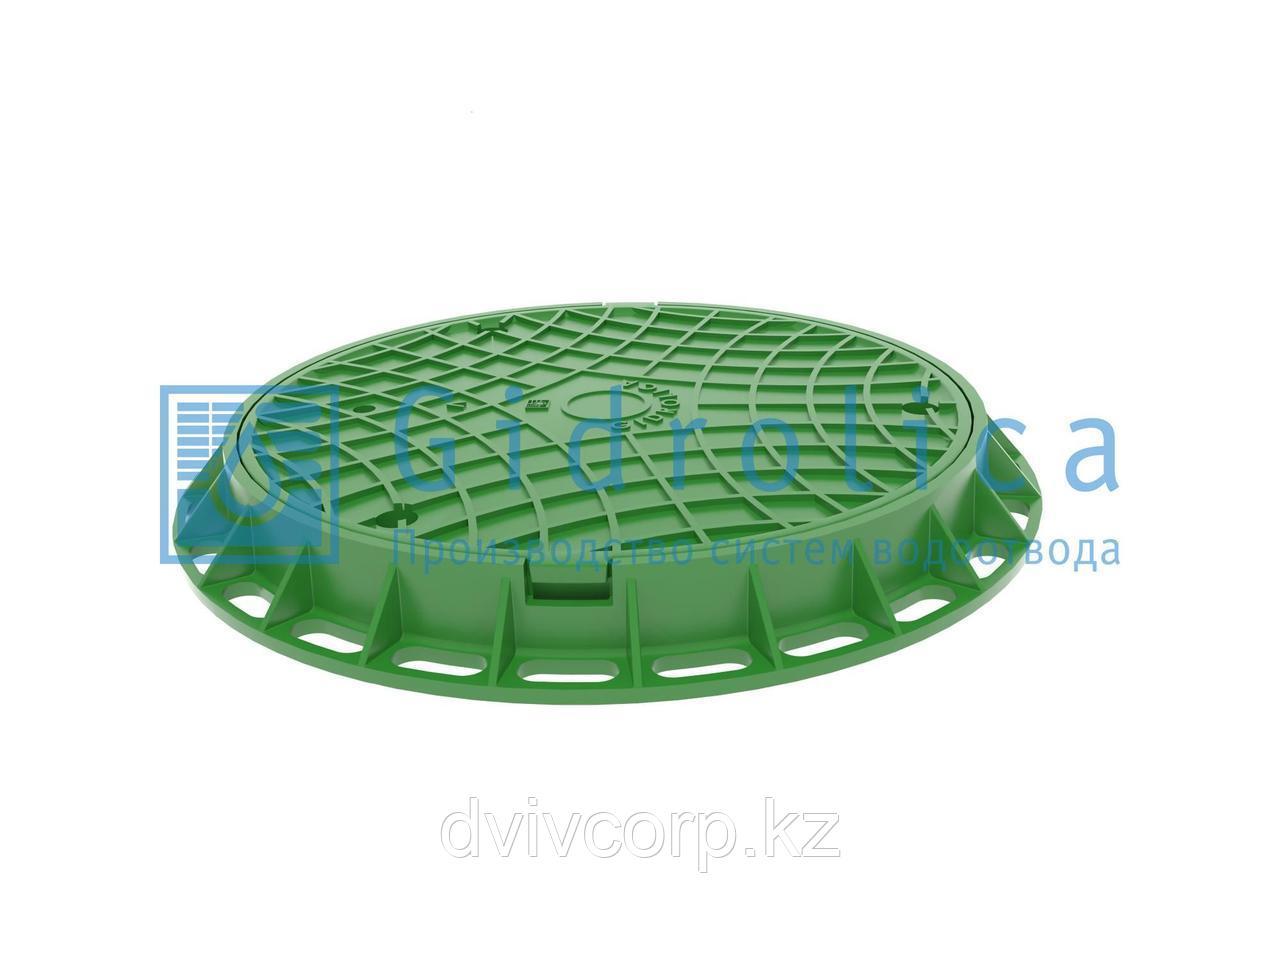 Арт. 218/з Люк канализационный Gidrolica Garden - пластиковый тип Л зеленый